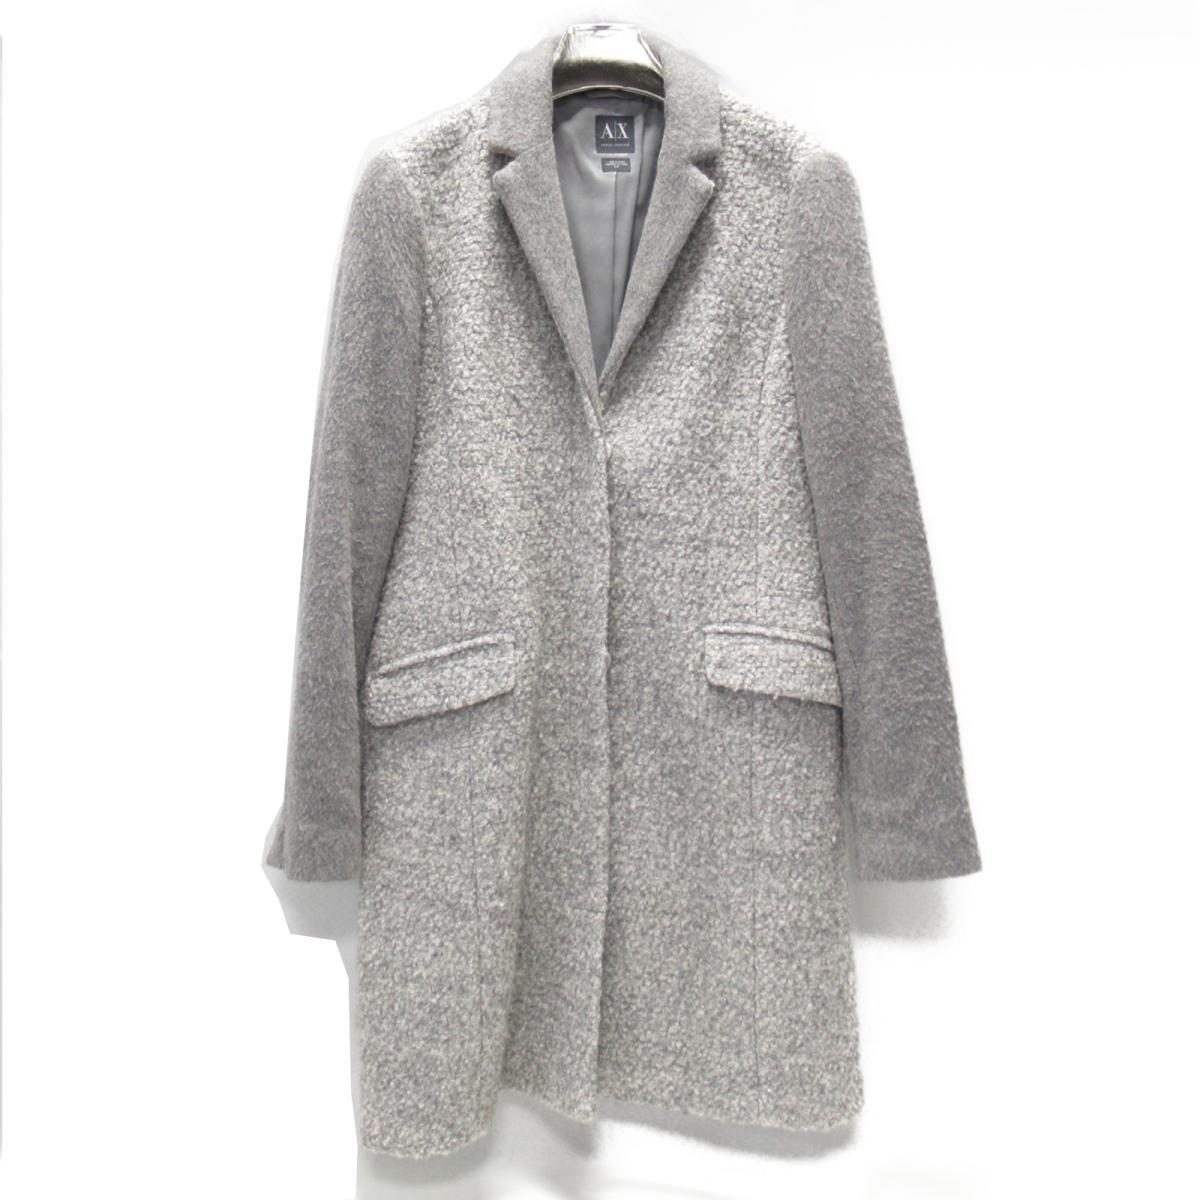 【中古】 アルマーニ・エクスチェンジ コート レディース ウール (52%) x ポリエステル (48%) グレー | ARMANI EXCHANGE BRANDOFF ブランドオフ 衣料品 衣類 ブランド アウター ジャケット